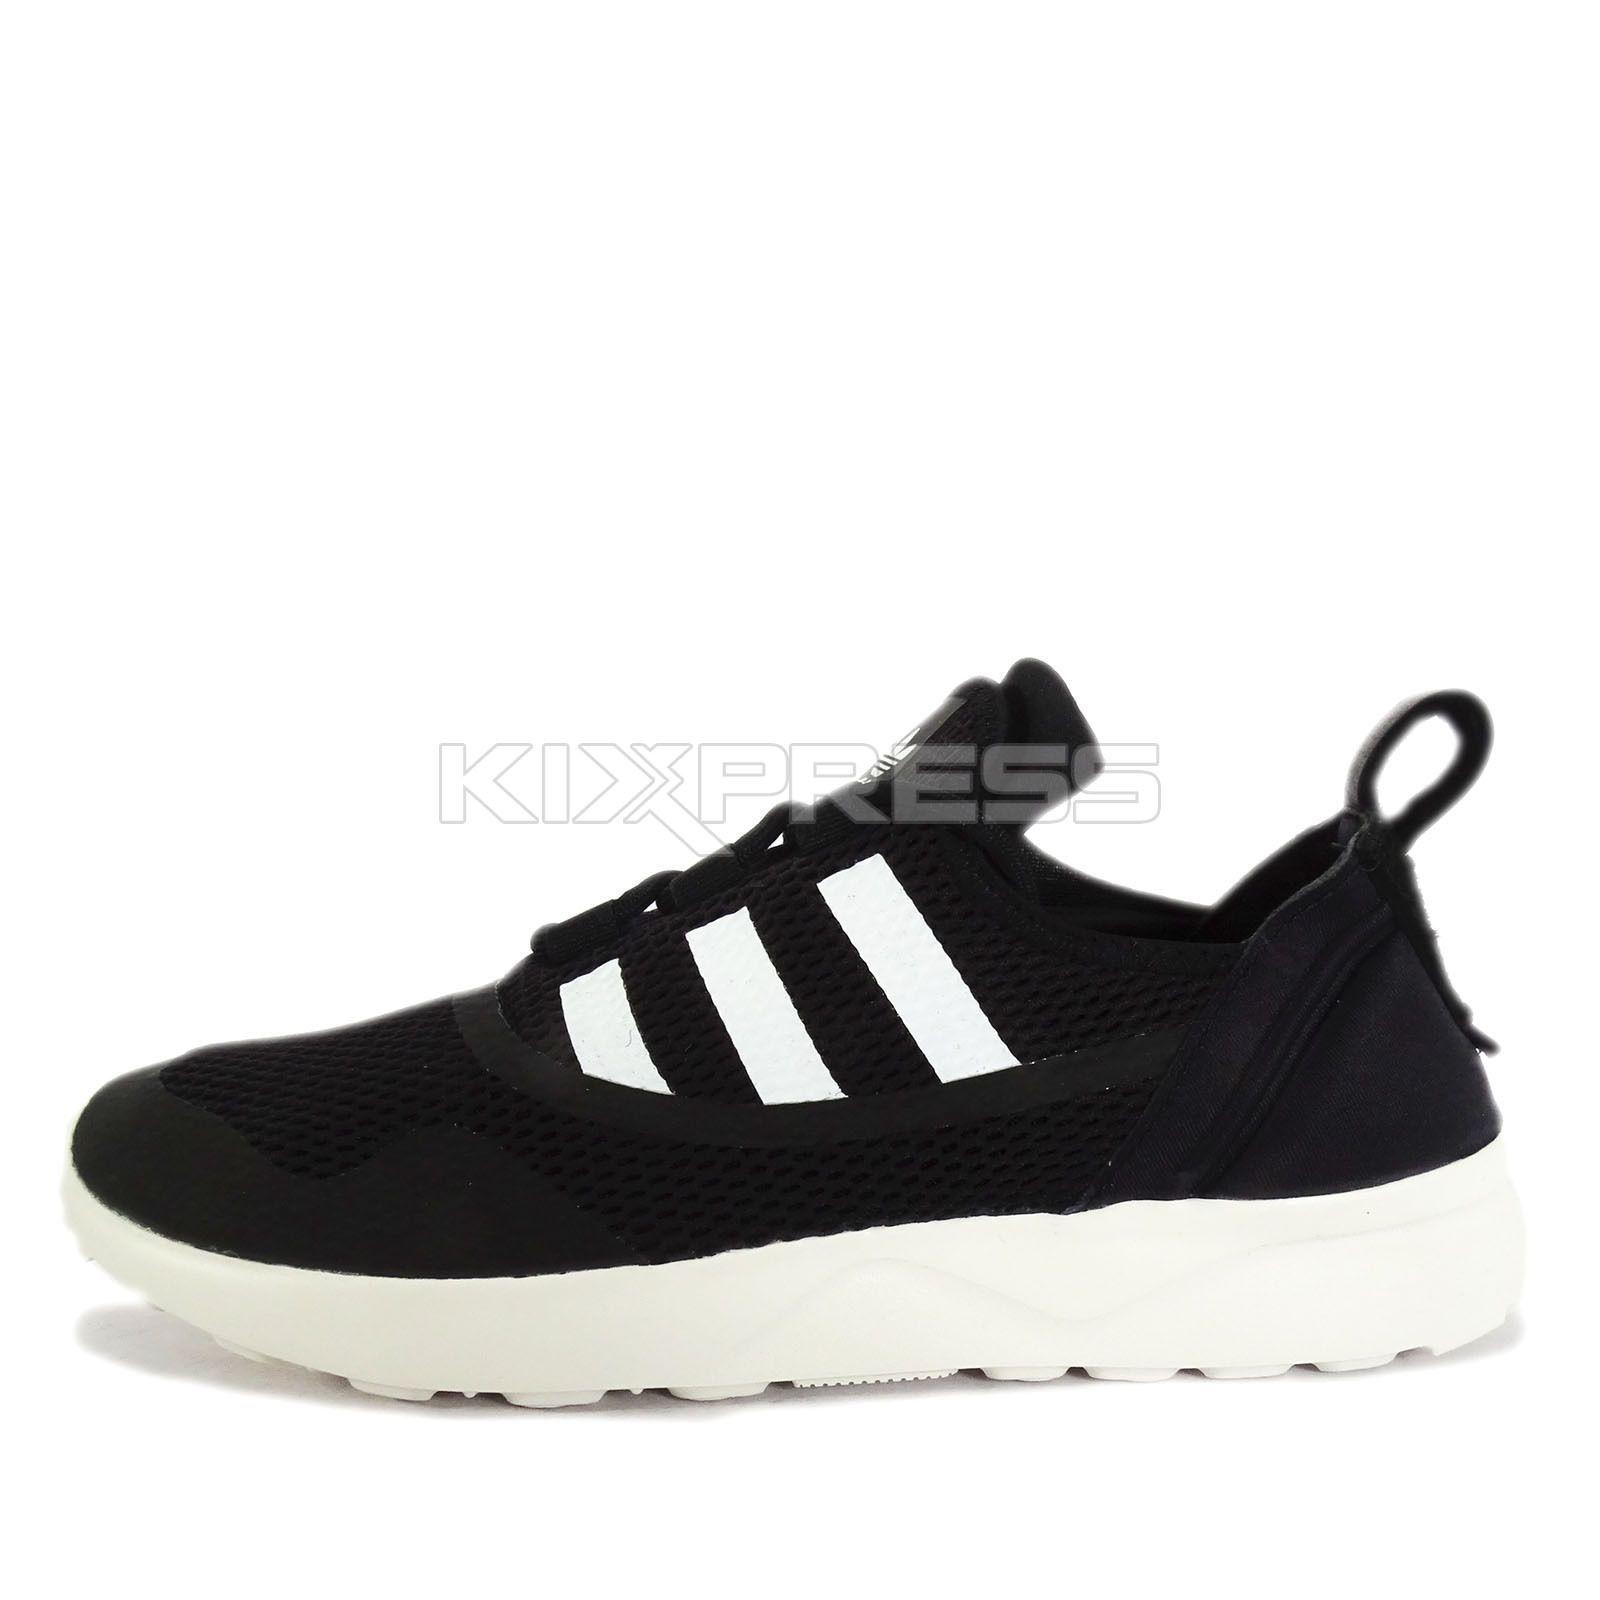 adidas zx flusso avanzata virtù w [s79852] originale in nero / bianco